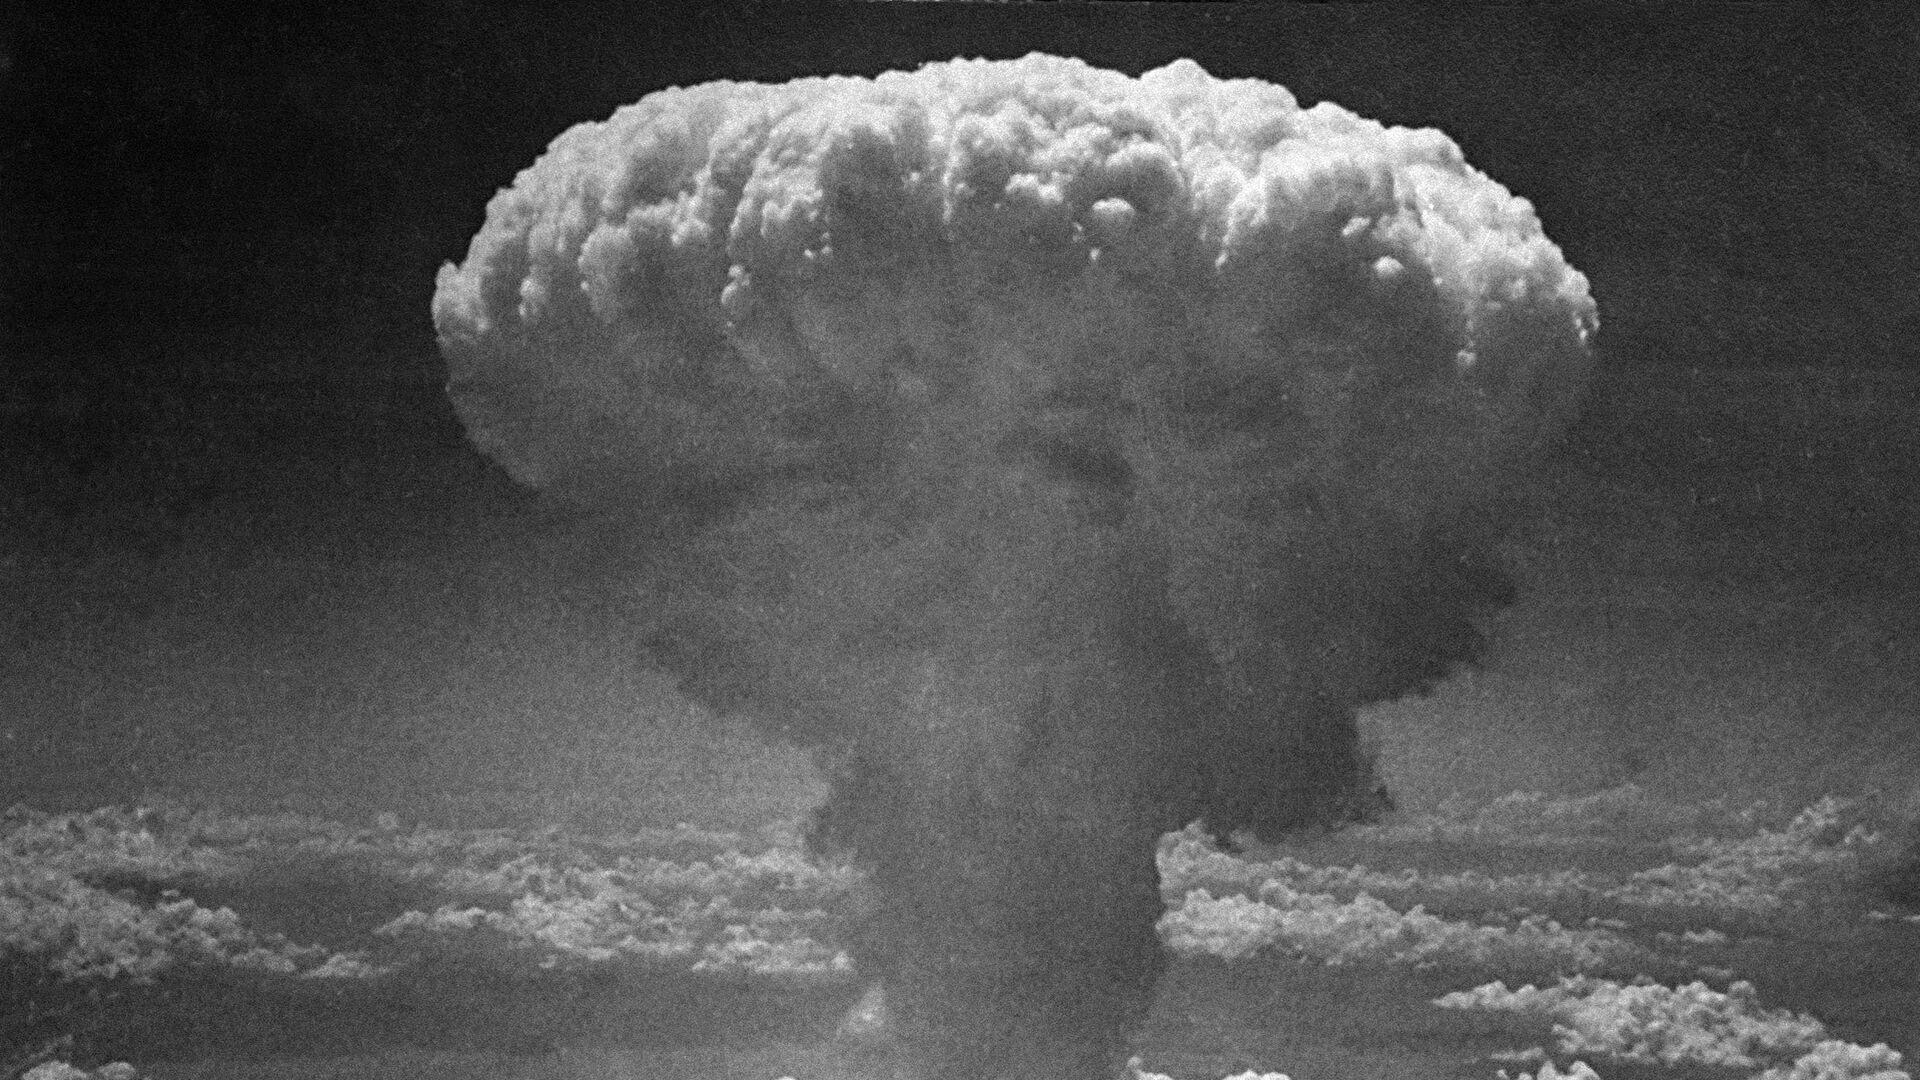 Облако от атомного взрыва над Нагасаки, Япония. 9 августа 1945 - РИА Новости, 1920, 26.09.2020